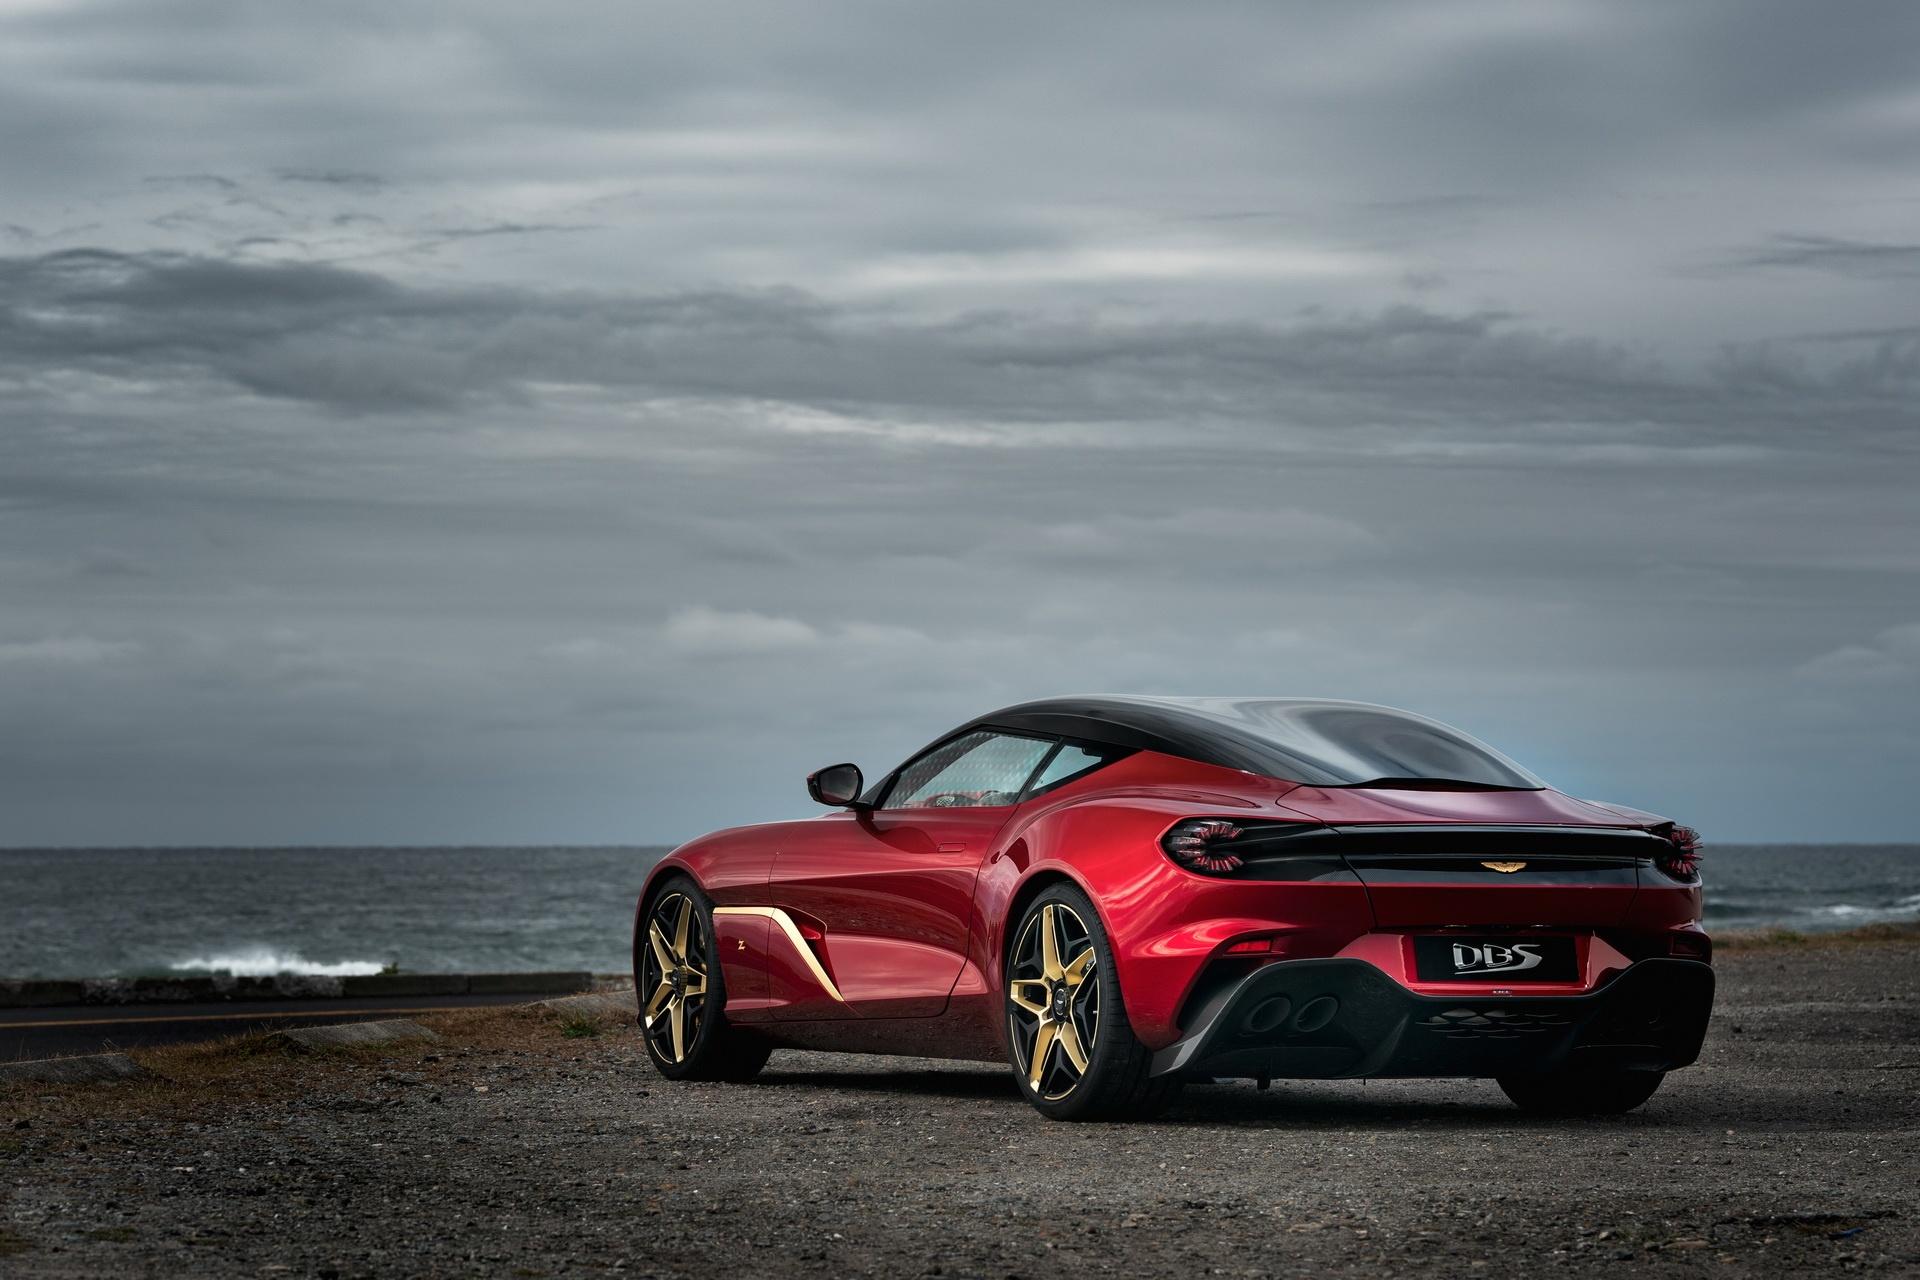 Aston Martin ra mat sieu xe dat vang gia trieu USD hinh anh 2